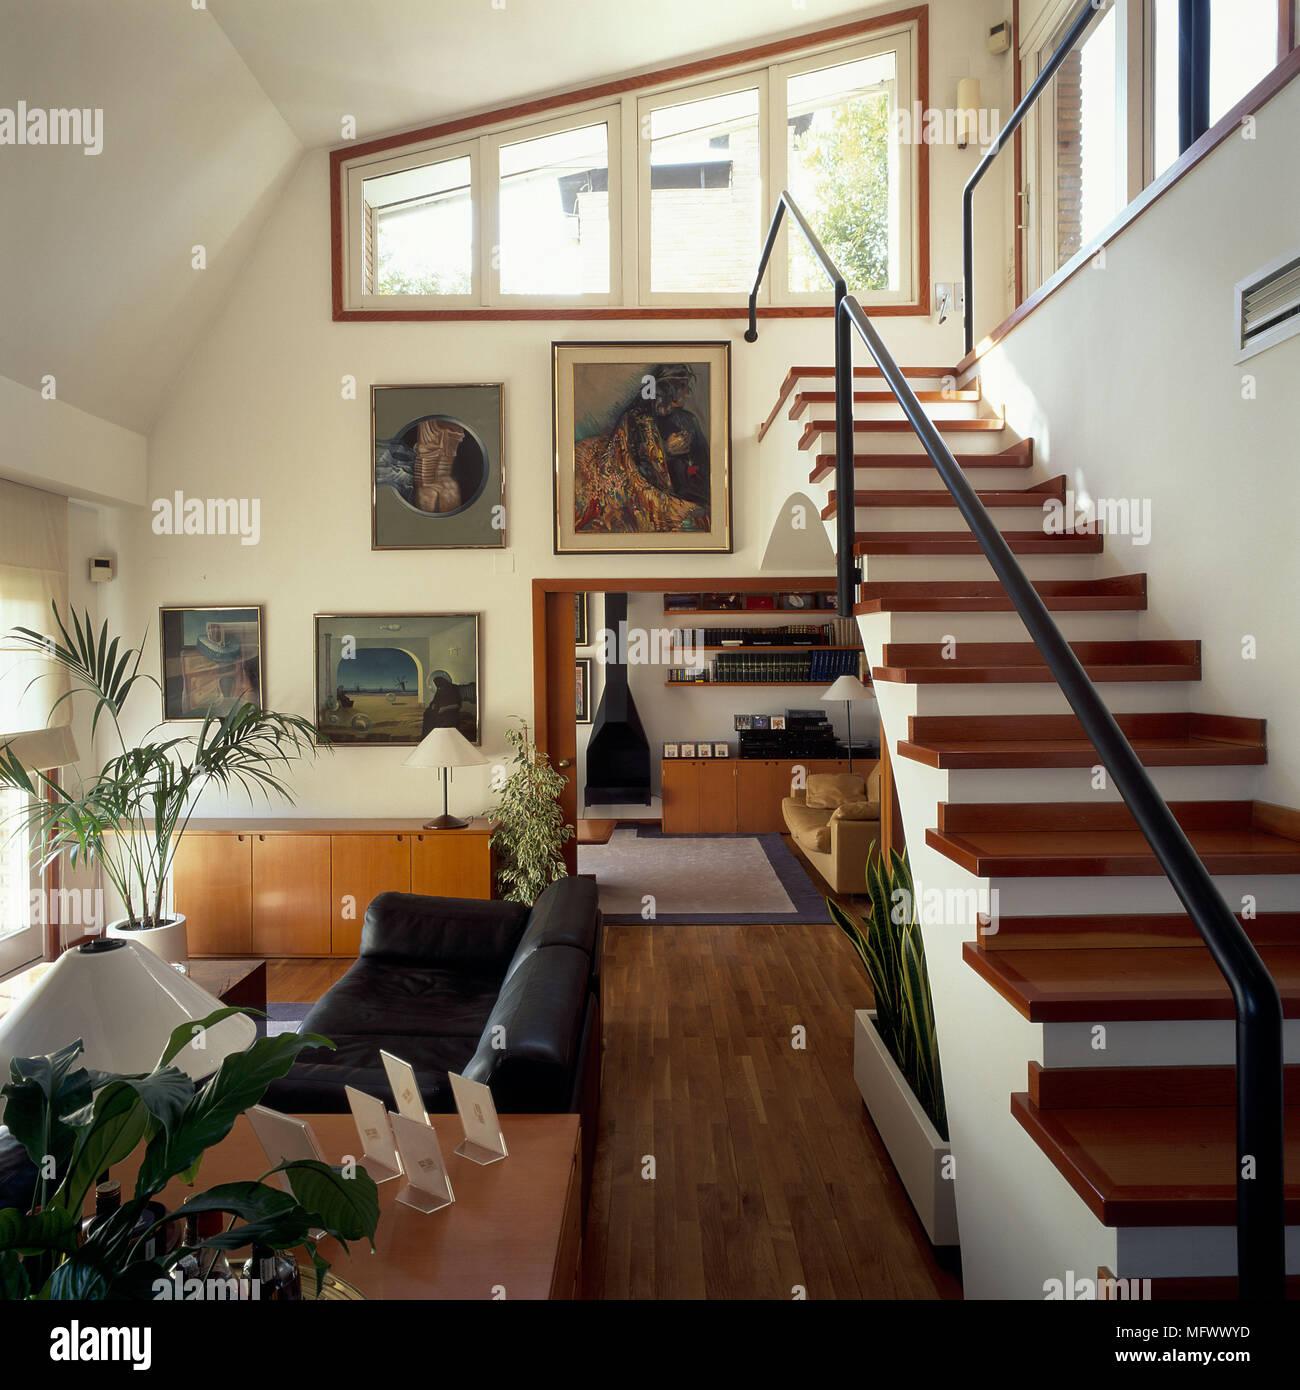 Blick auf eine eklektische Treppe zum Wohnzimmer Stockfoto ...